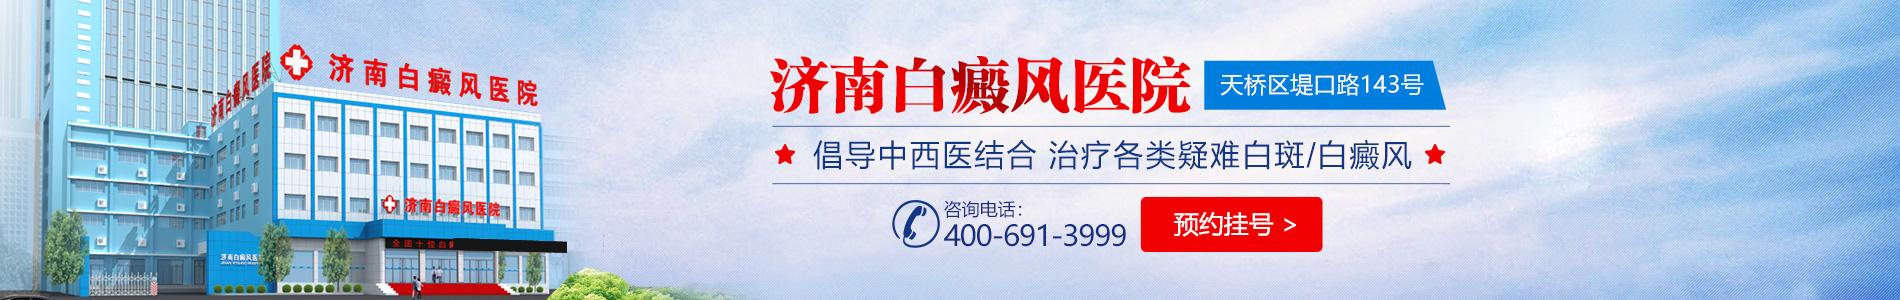 濟南白癜風醫院